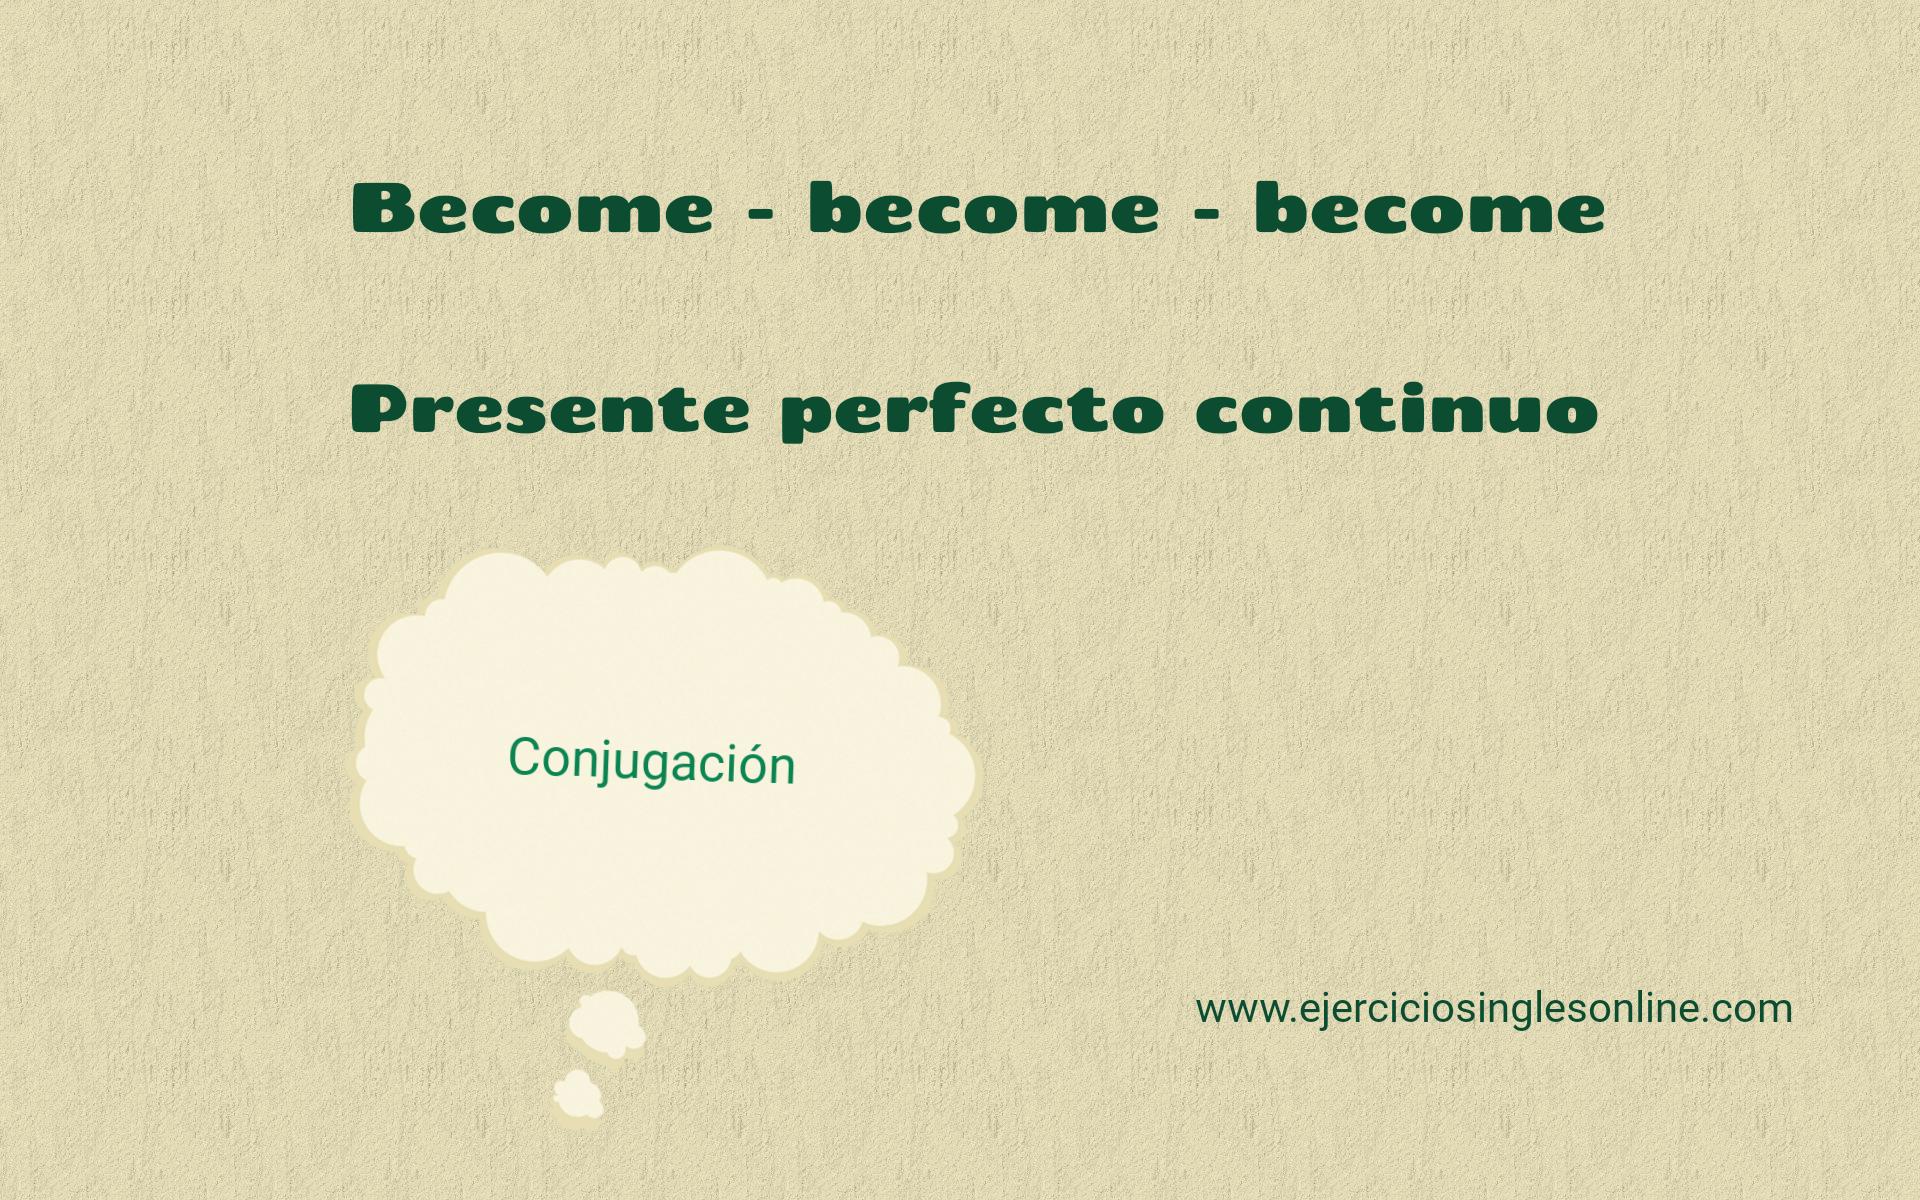 Become - Presente perfecto continuo